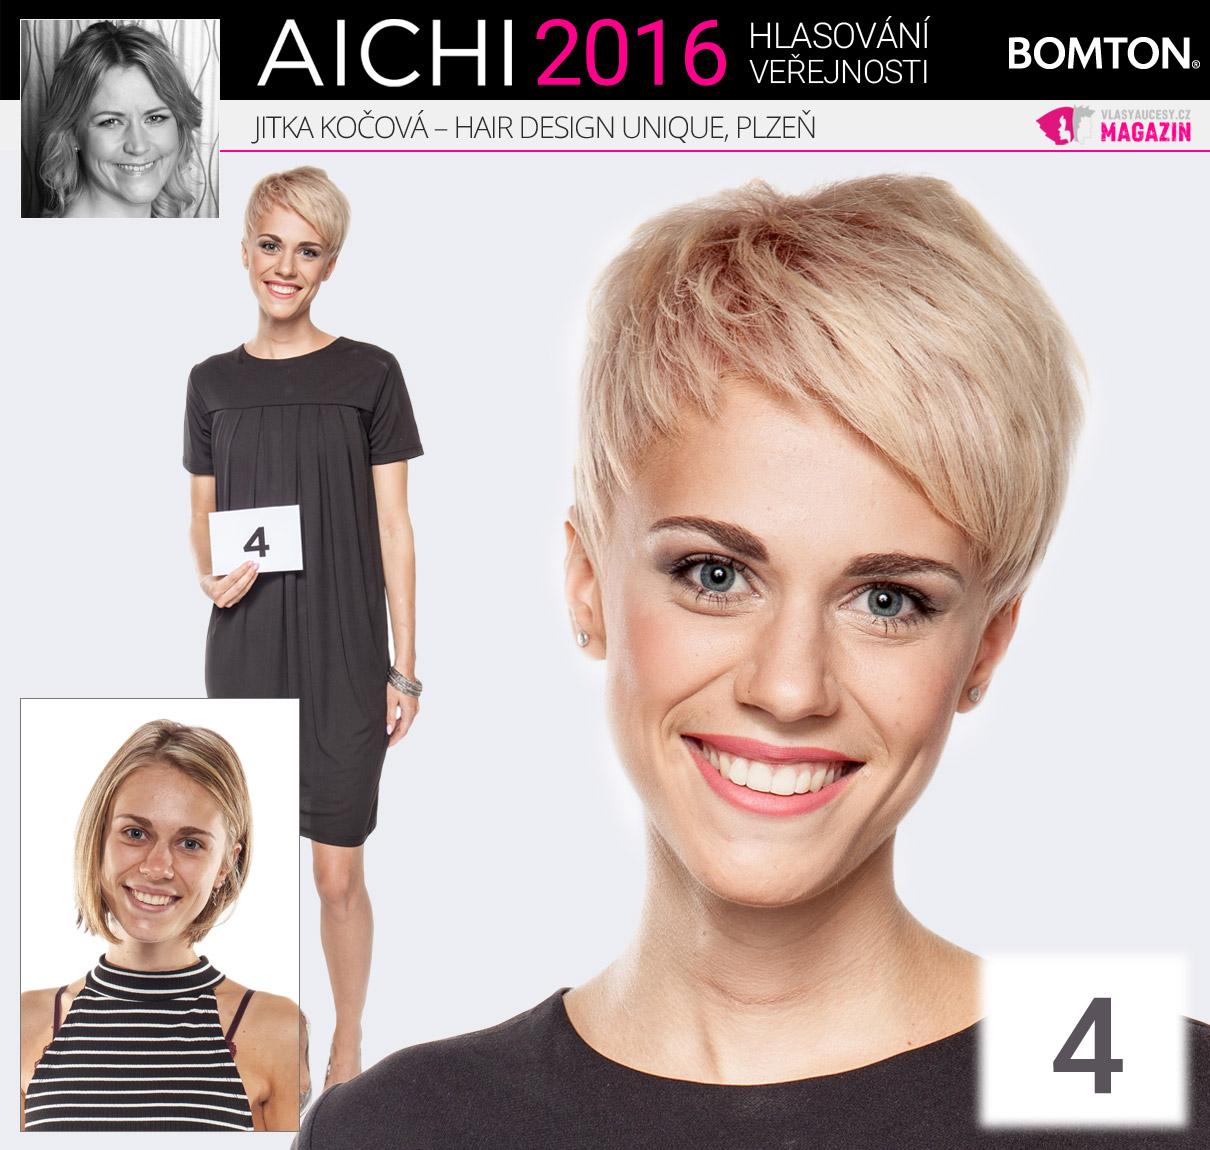 Finálová proměna Jitky Kočové z Hair Design Unique Plzeň obsadila v hlasování veřejnosti druhou příčku.